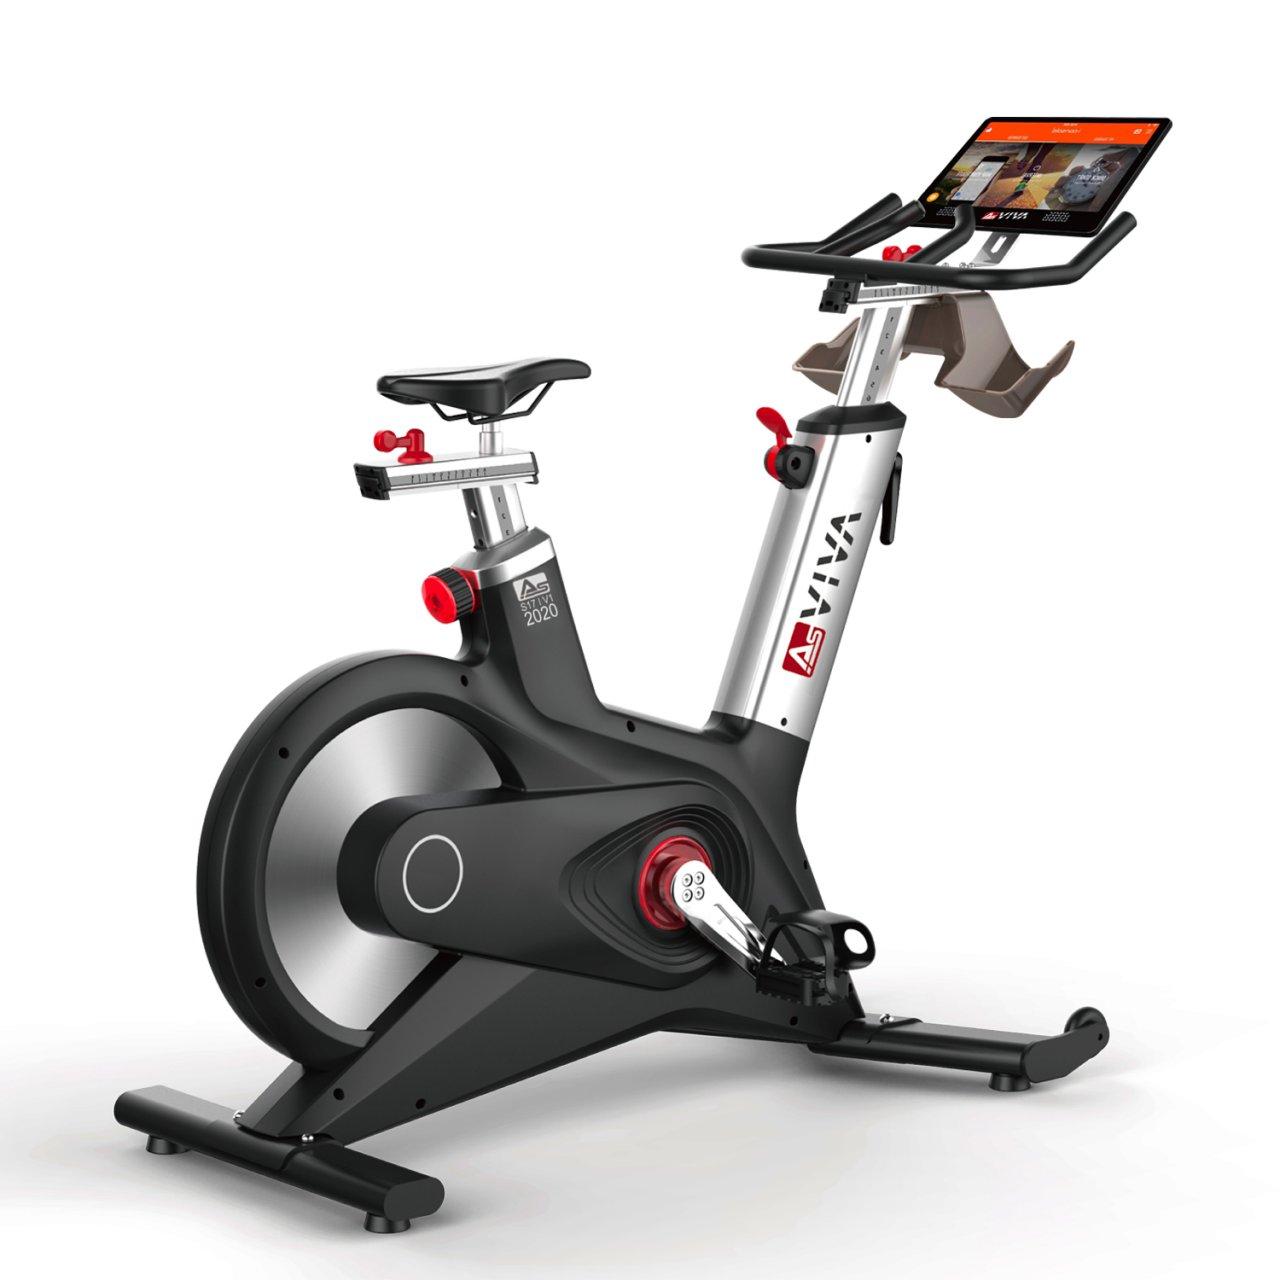 Indoor Cycle & Speedbike AsVIVA S17 Studio Pro Bluetooth